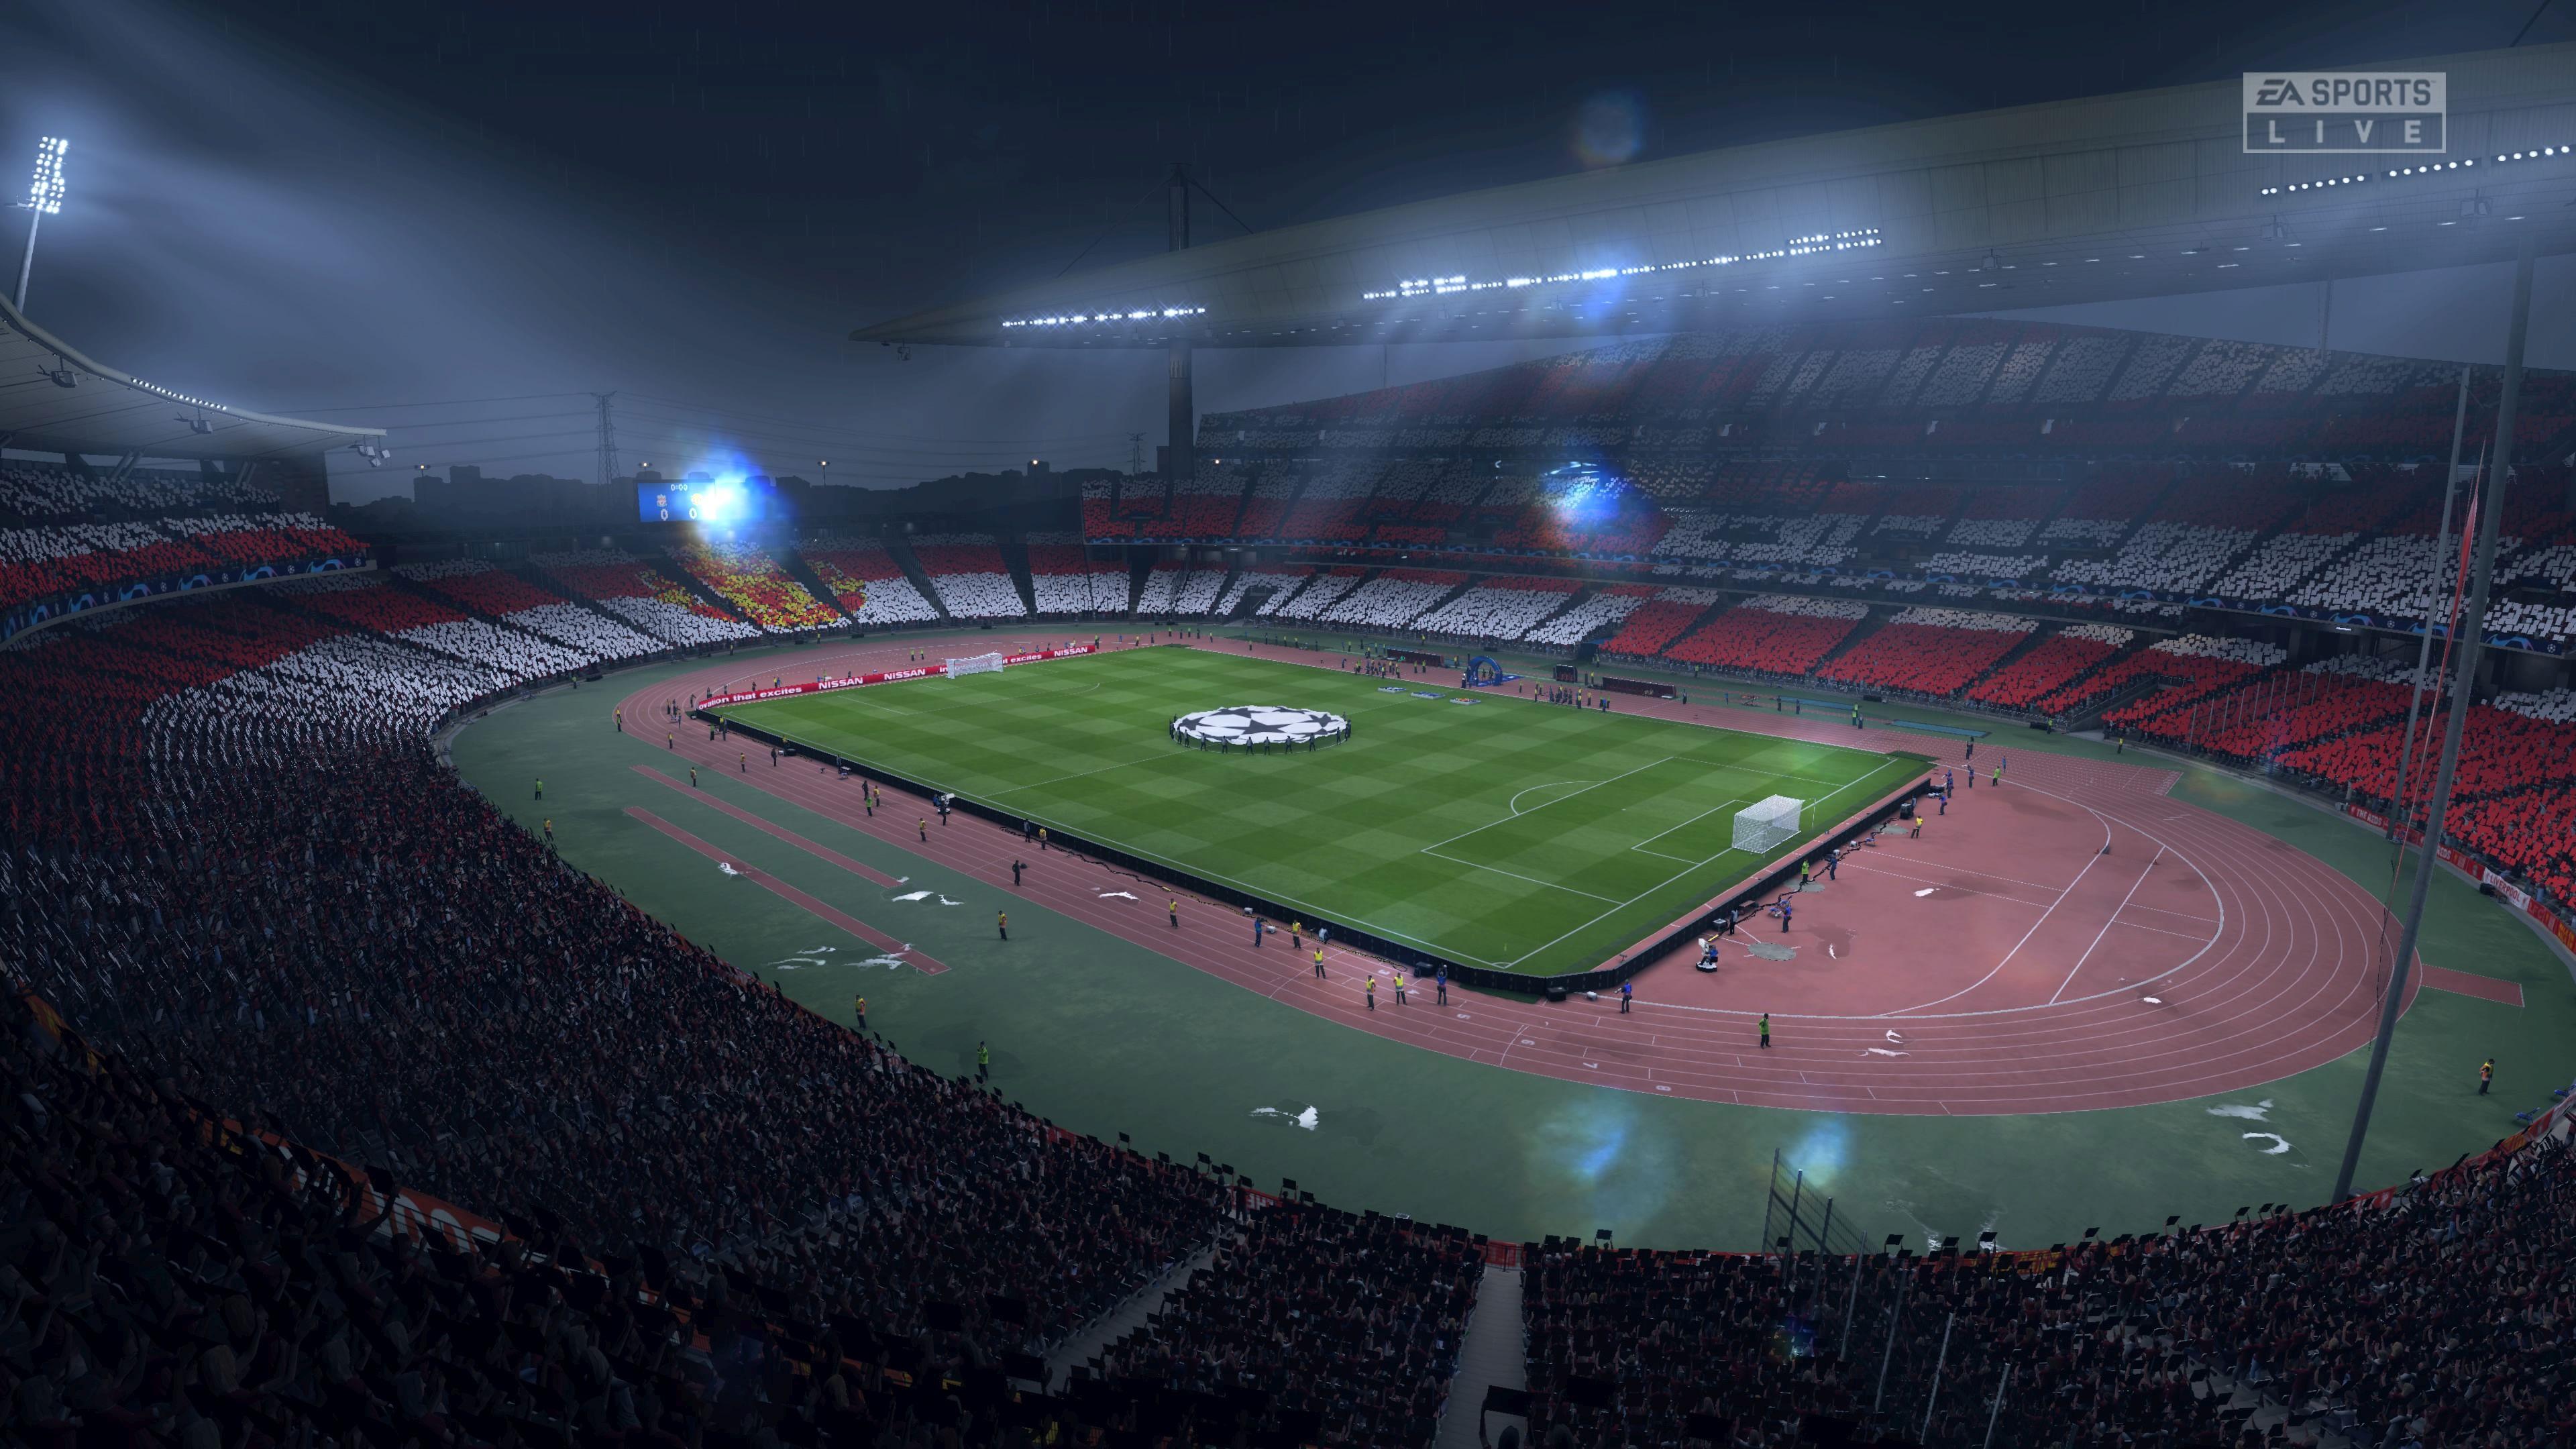 liga legend byla hodnocena týmovým dohadováním pravidla datování korejských hodinek online